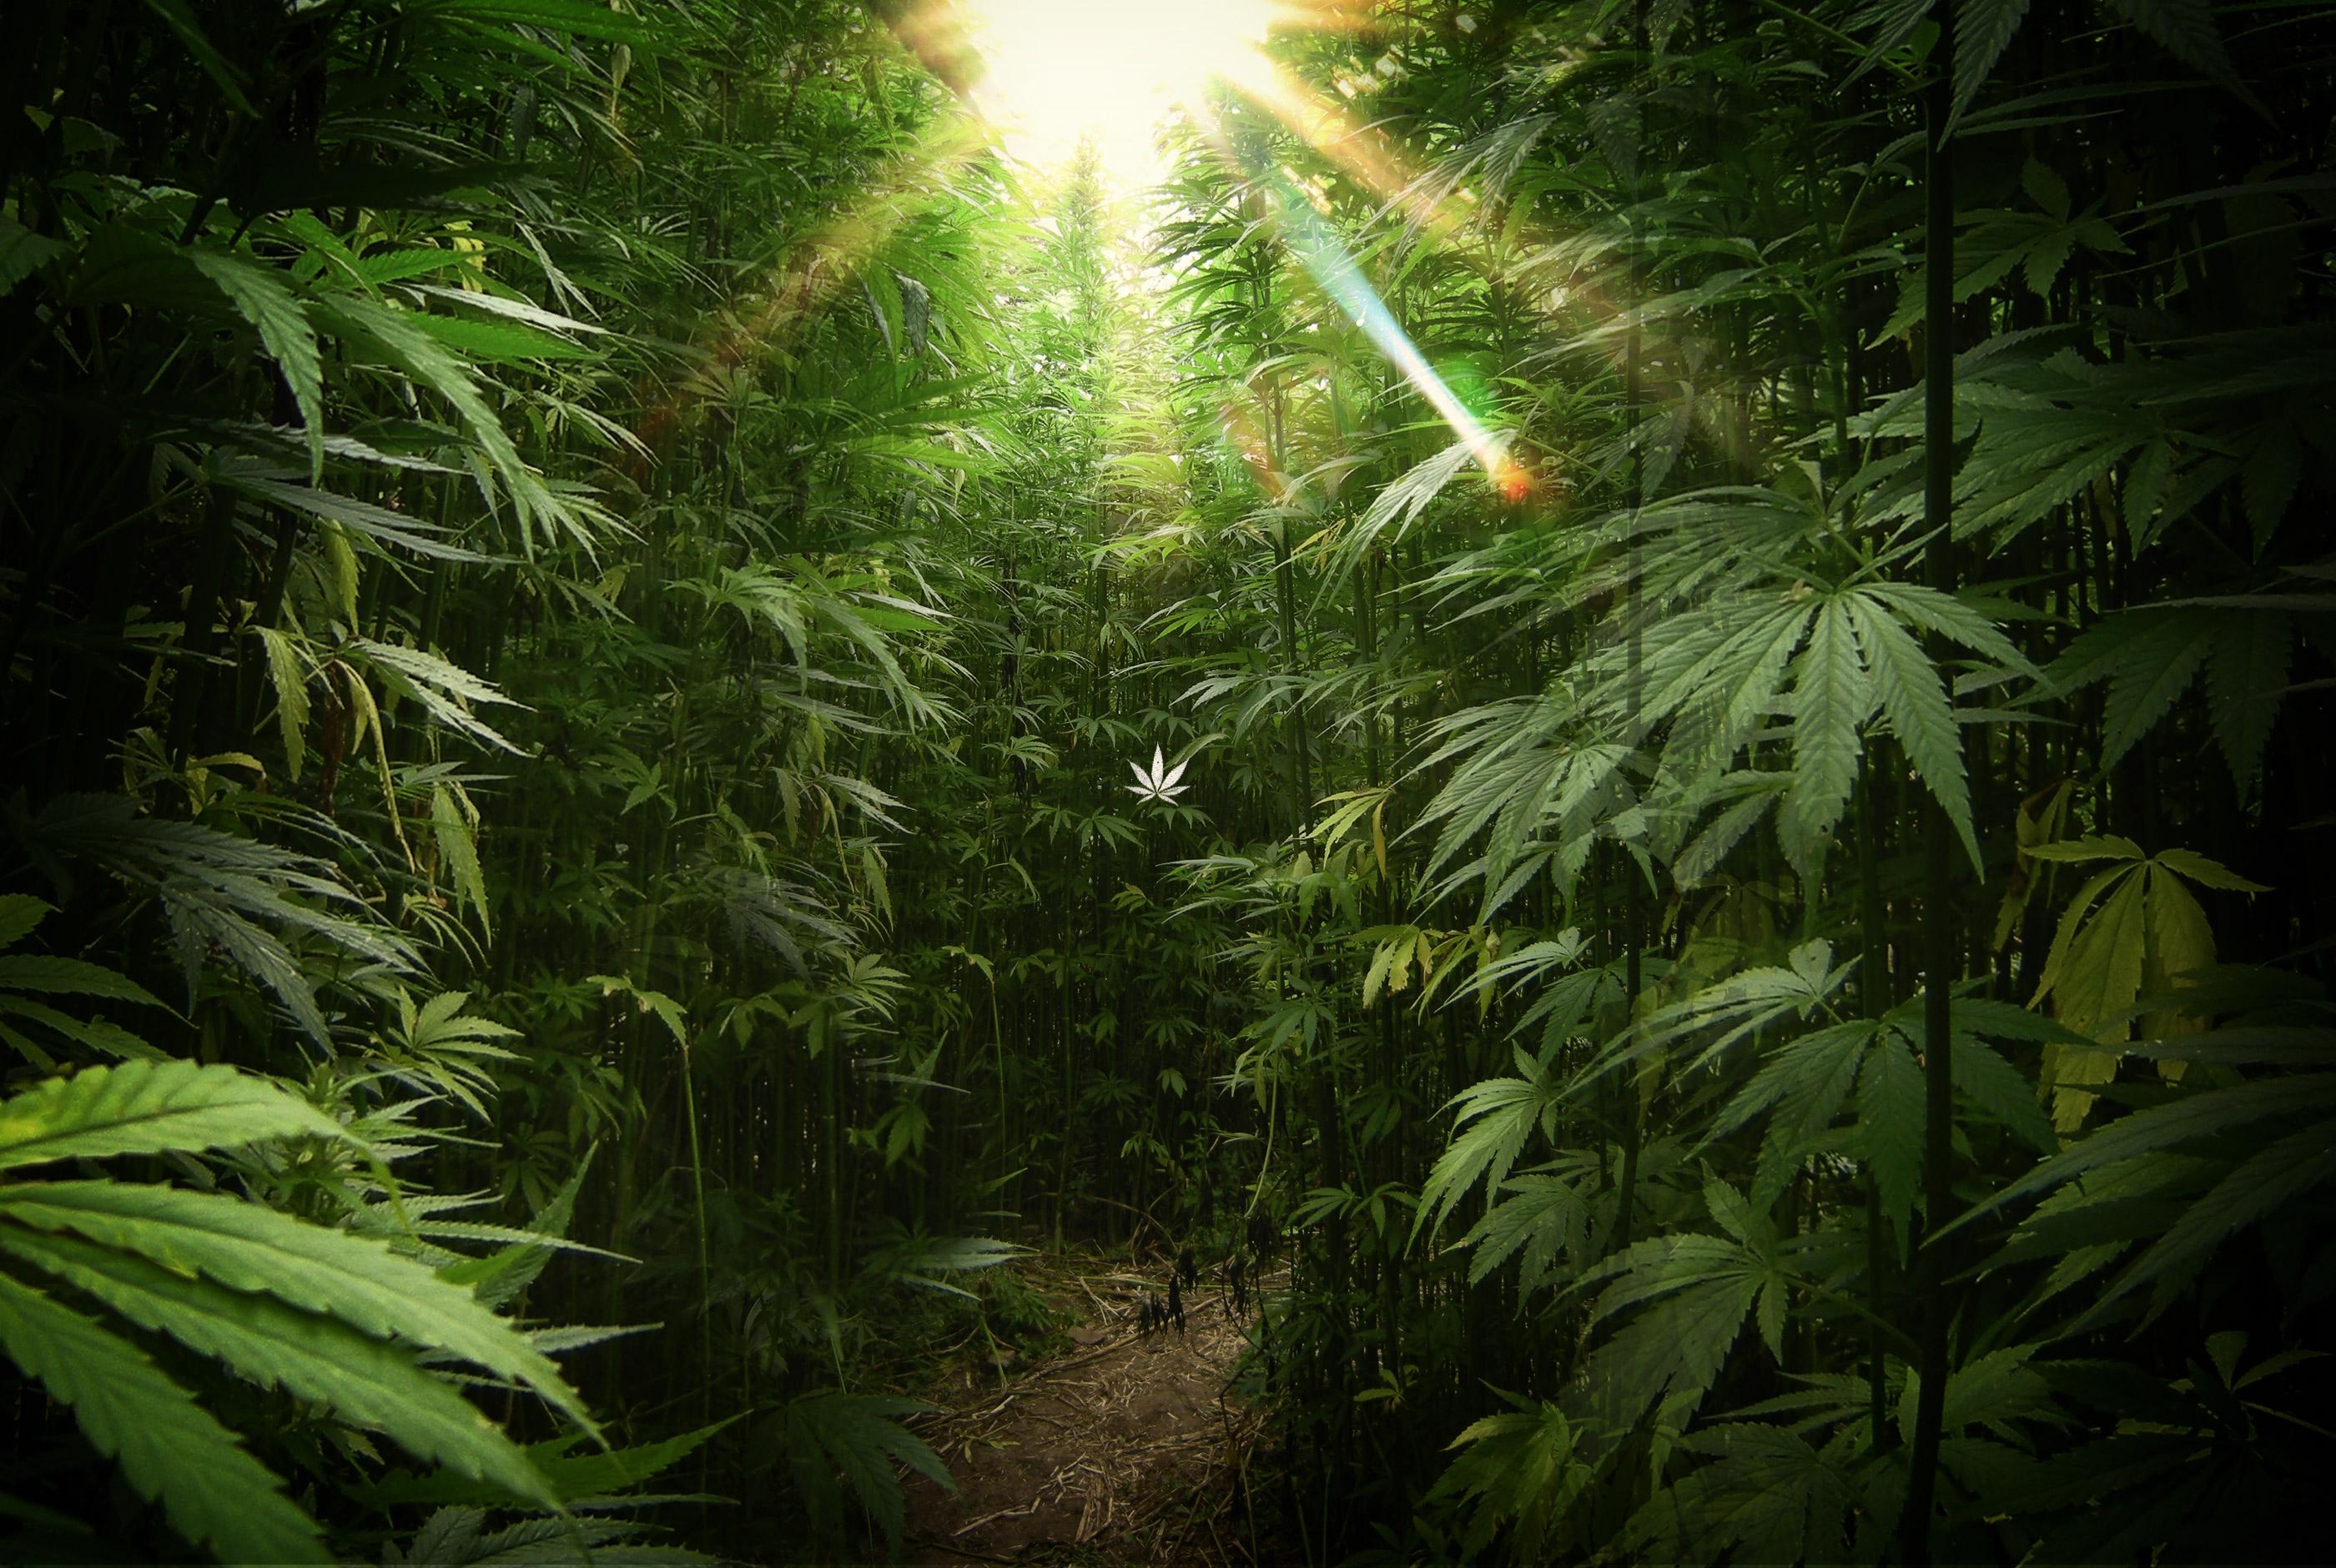 hf weed desktop wallpaper cannabis 01d 2800x1880